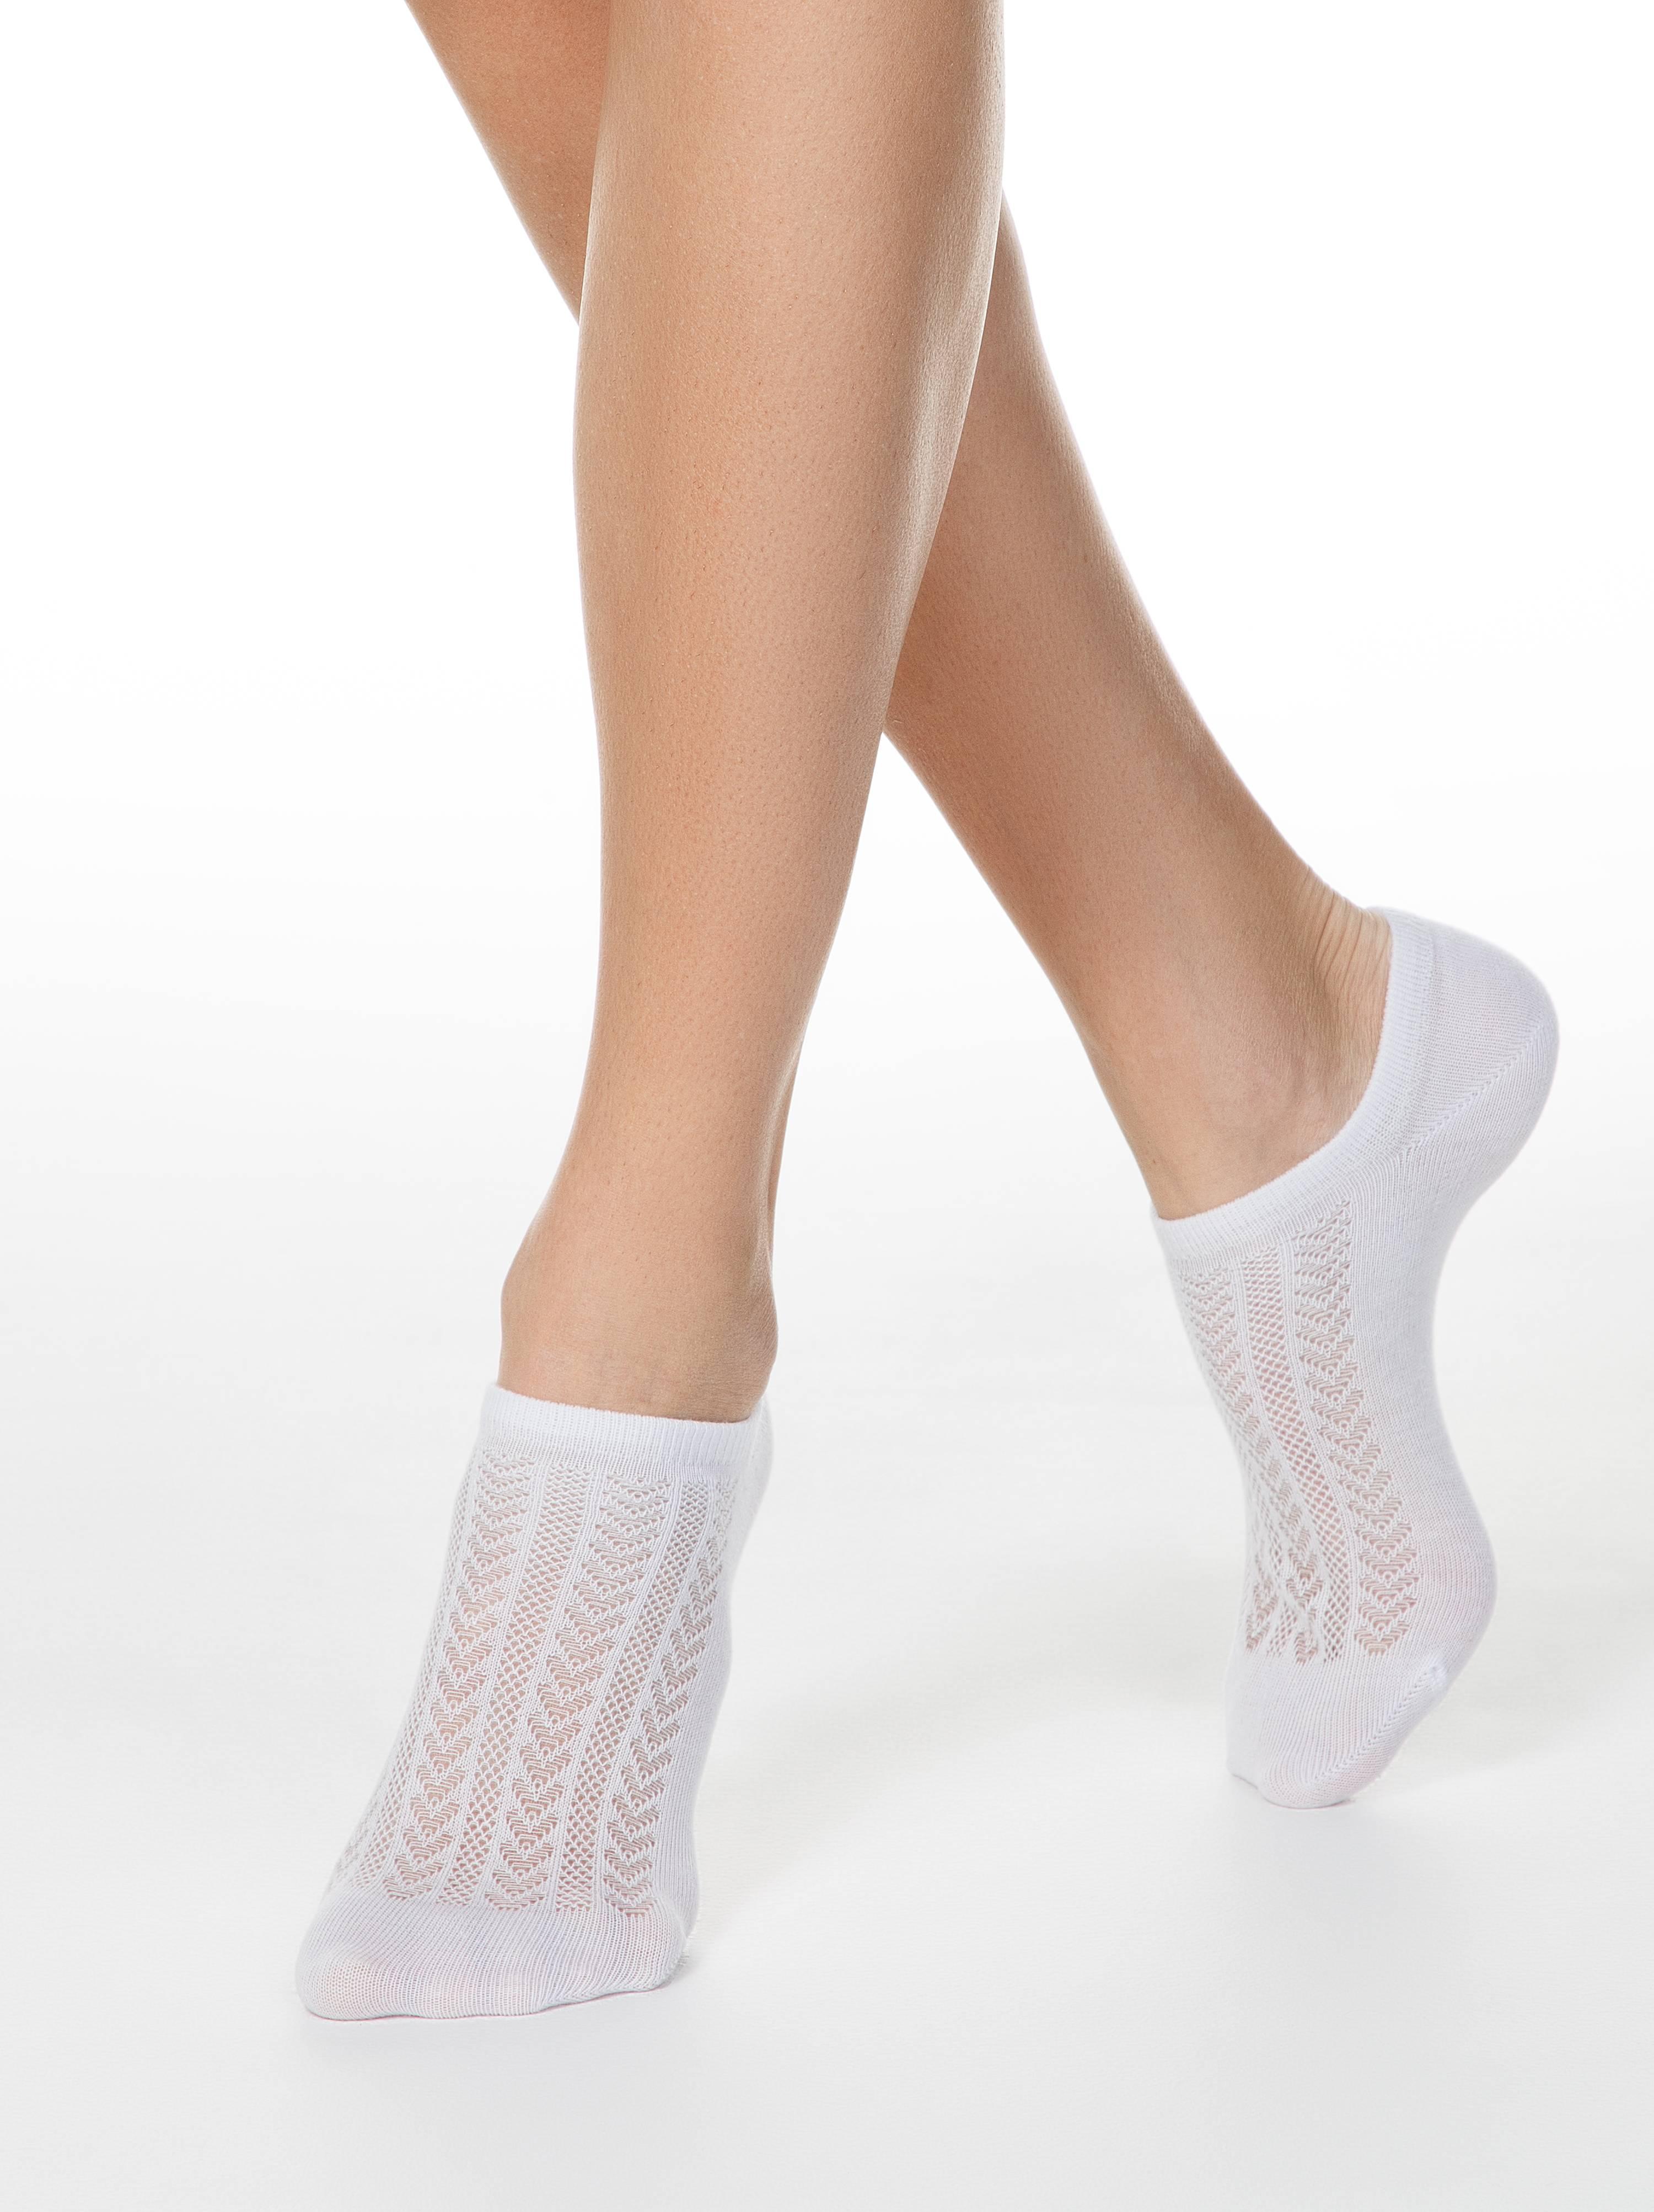 Ультракороткие носки ACTIVE с ажурным переплетением фото